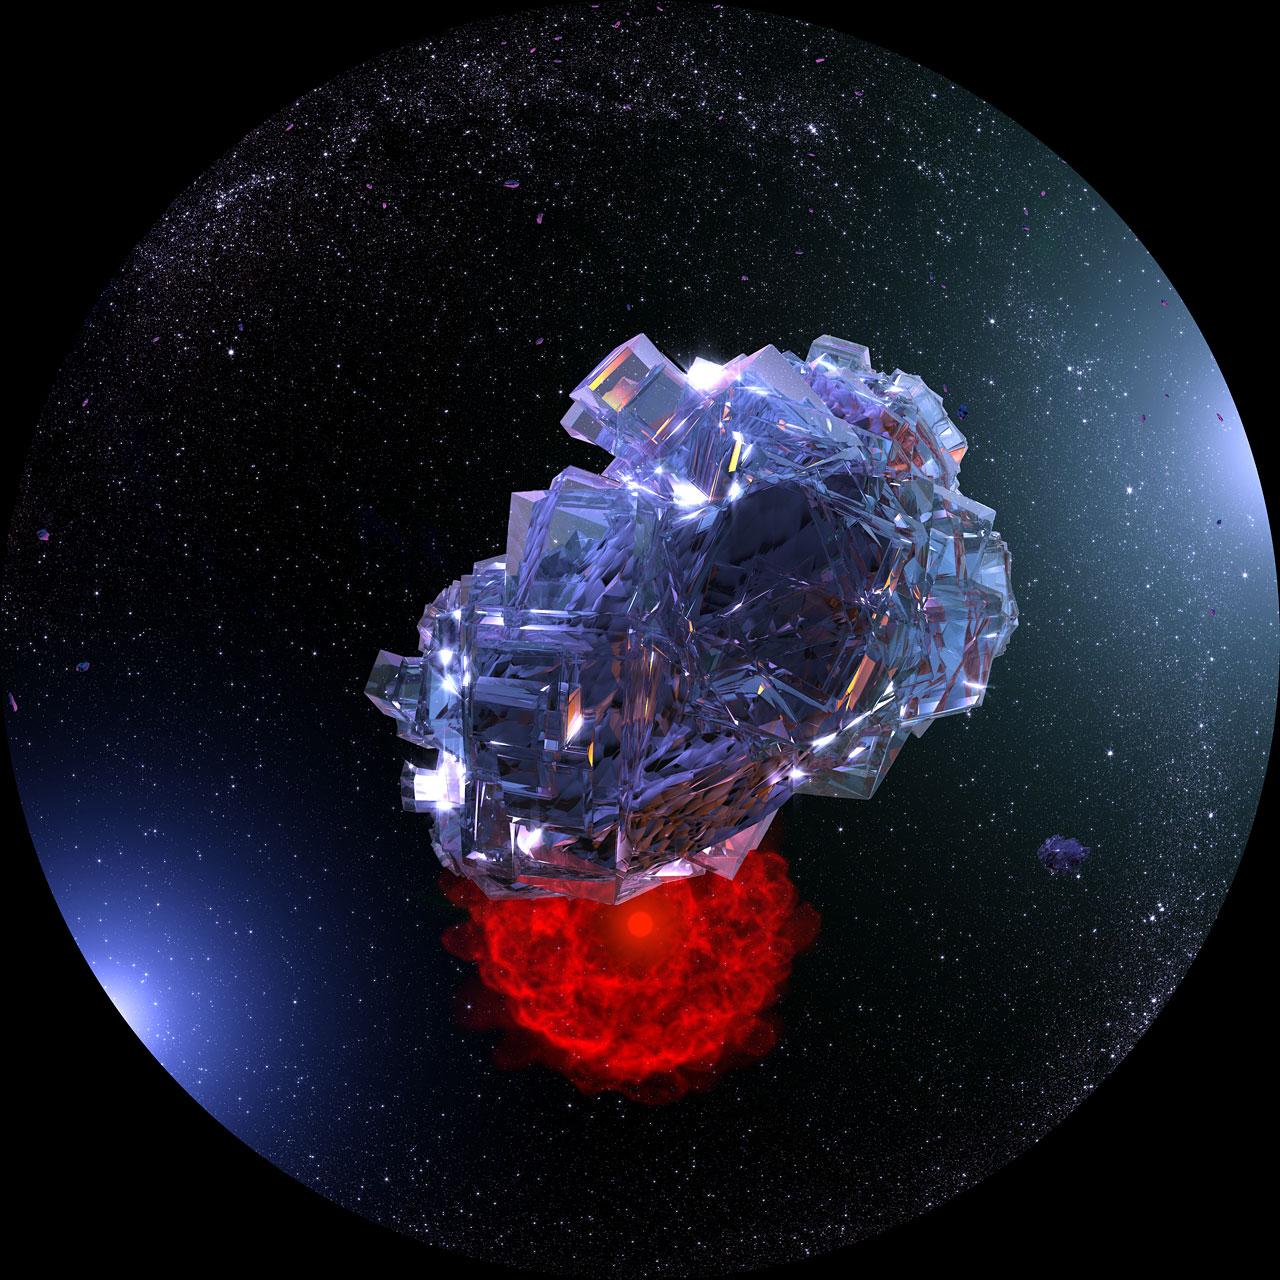 Künstlerische Darstellung eines Wassereiskristalls